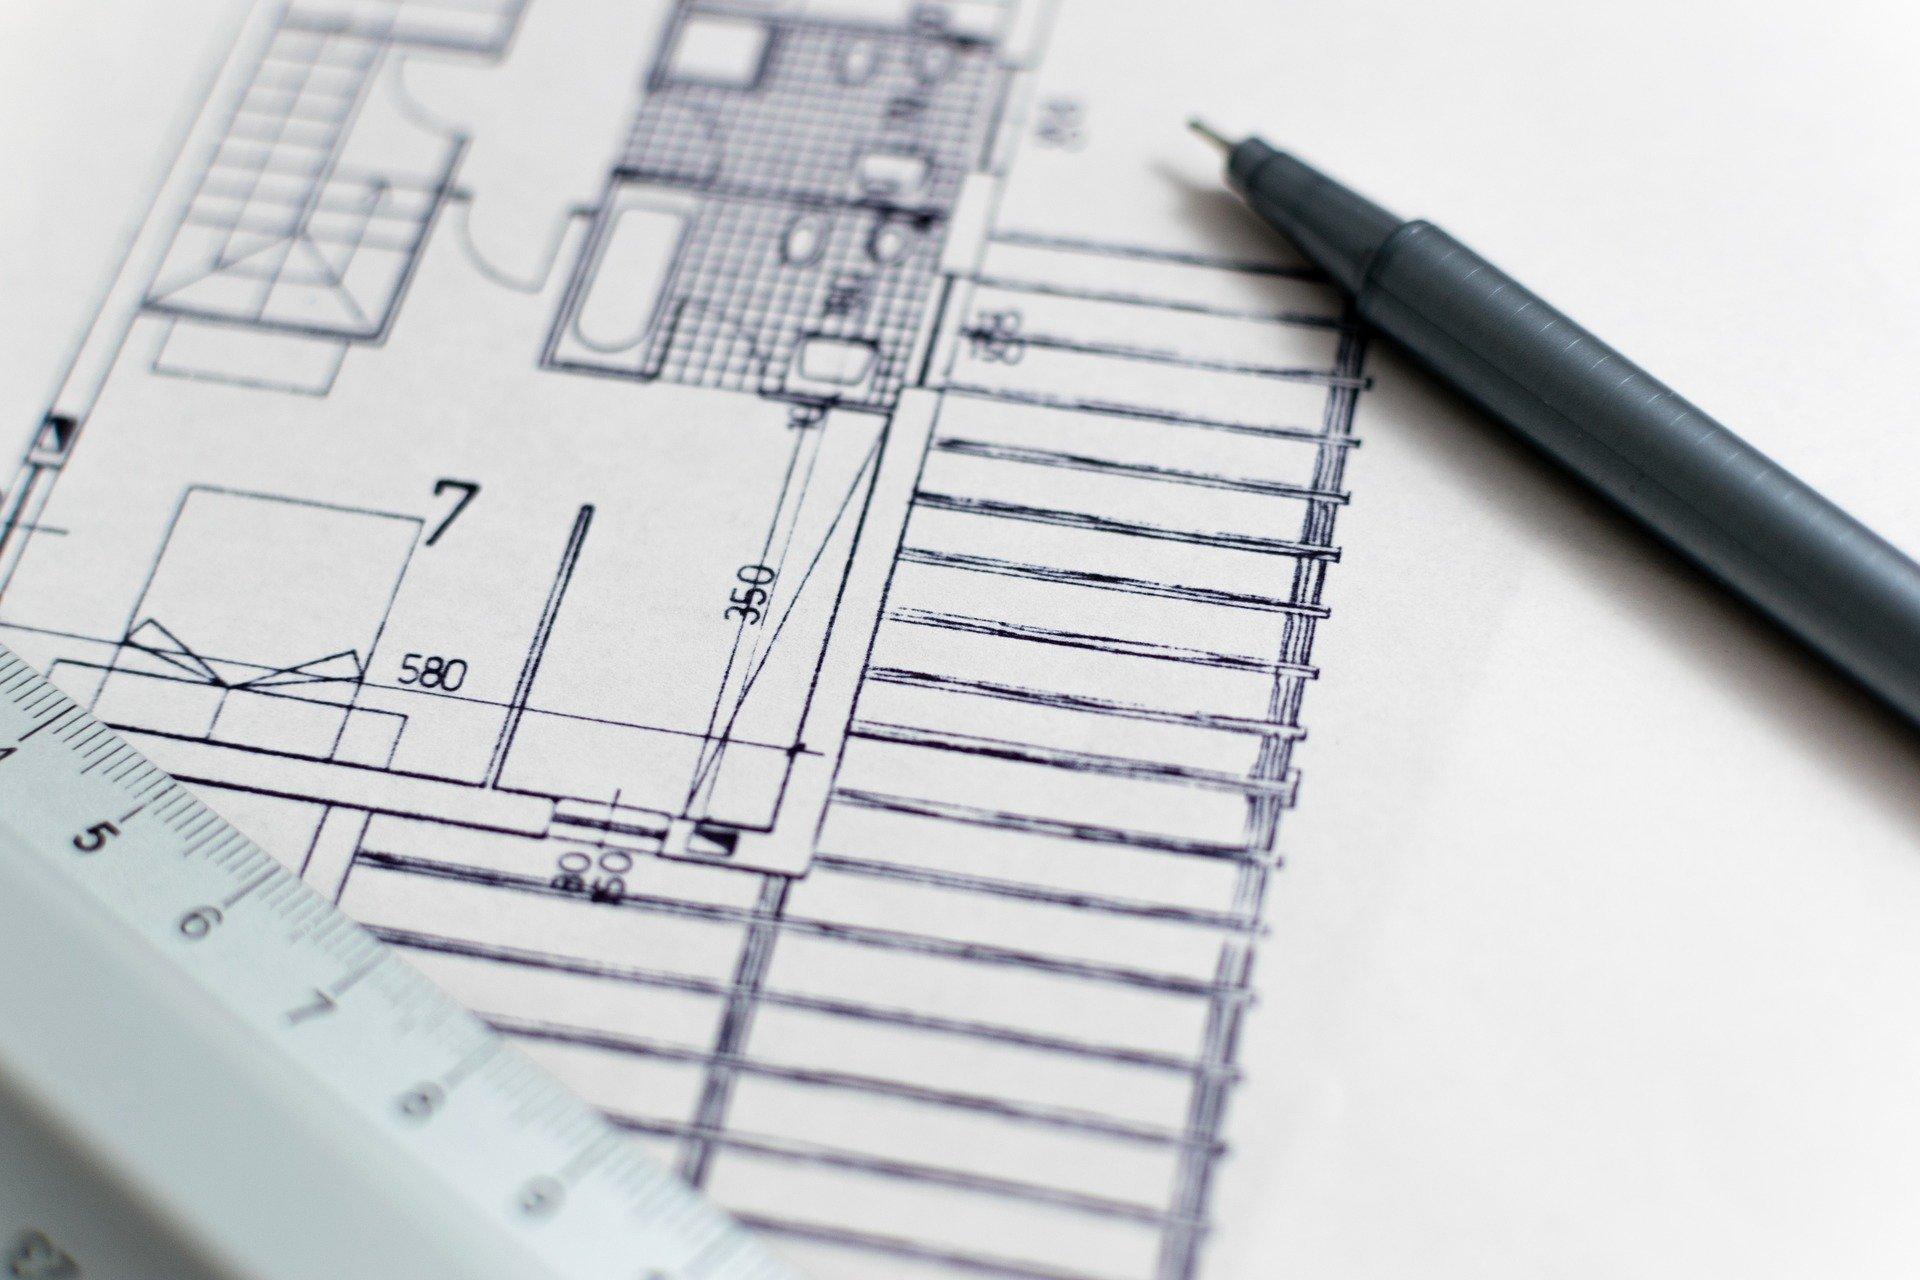 Tento článek by měl pomoci všem, kteří si chtějí postavit nový dům a nevědí přitom, na koho se obrátit a čím vůbec začít. Vše co je pro vás nezbytné znát jsme sepsali s minimem odborných výrazů.